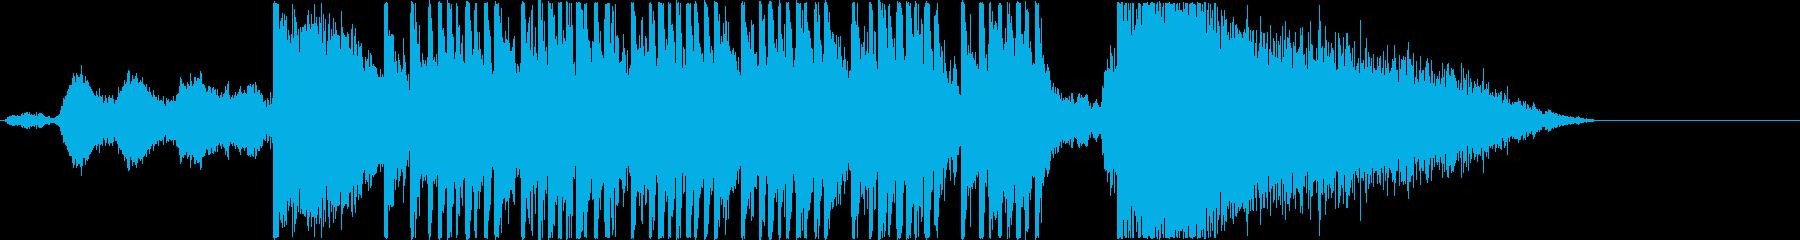 映画, ゲーム,トレーラー/打楽器主体の再生済みの波形